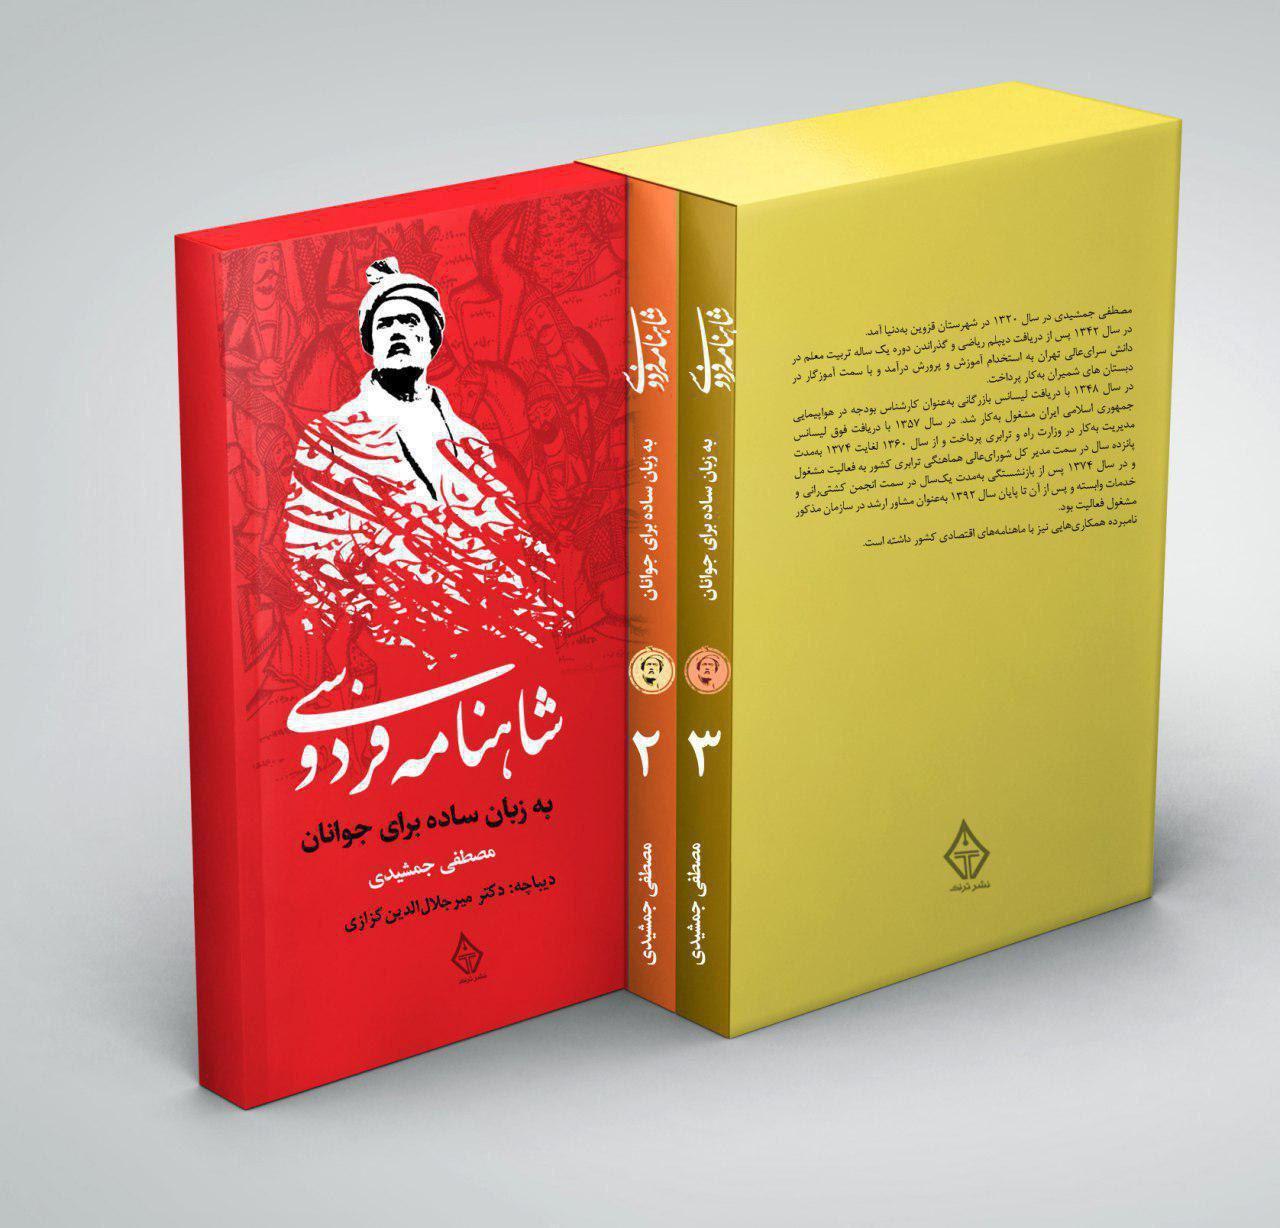 شاهنامه فردوسی به زبان ساده برای جوانان منتشر شد